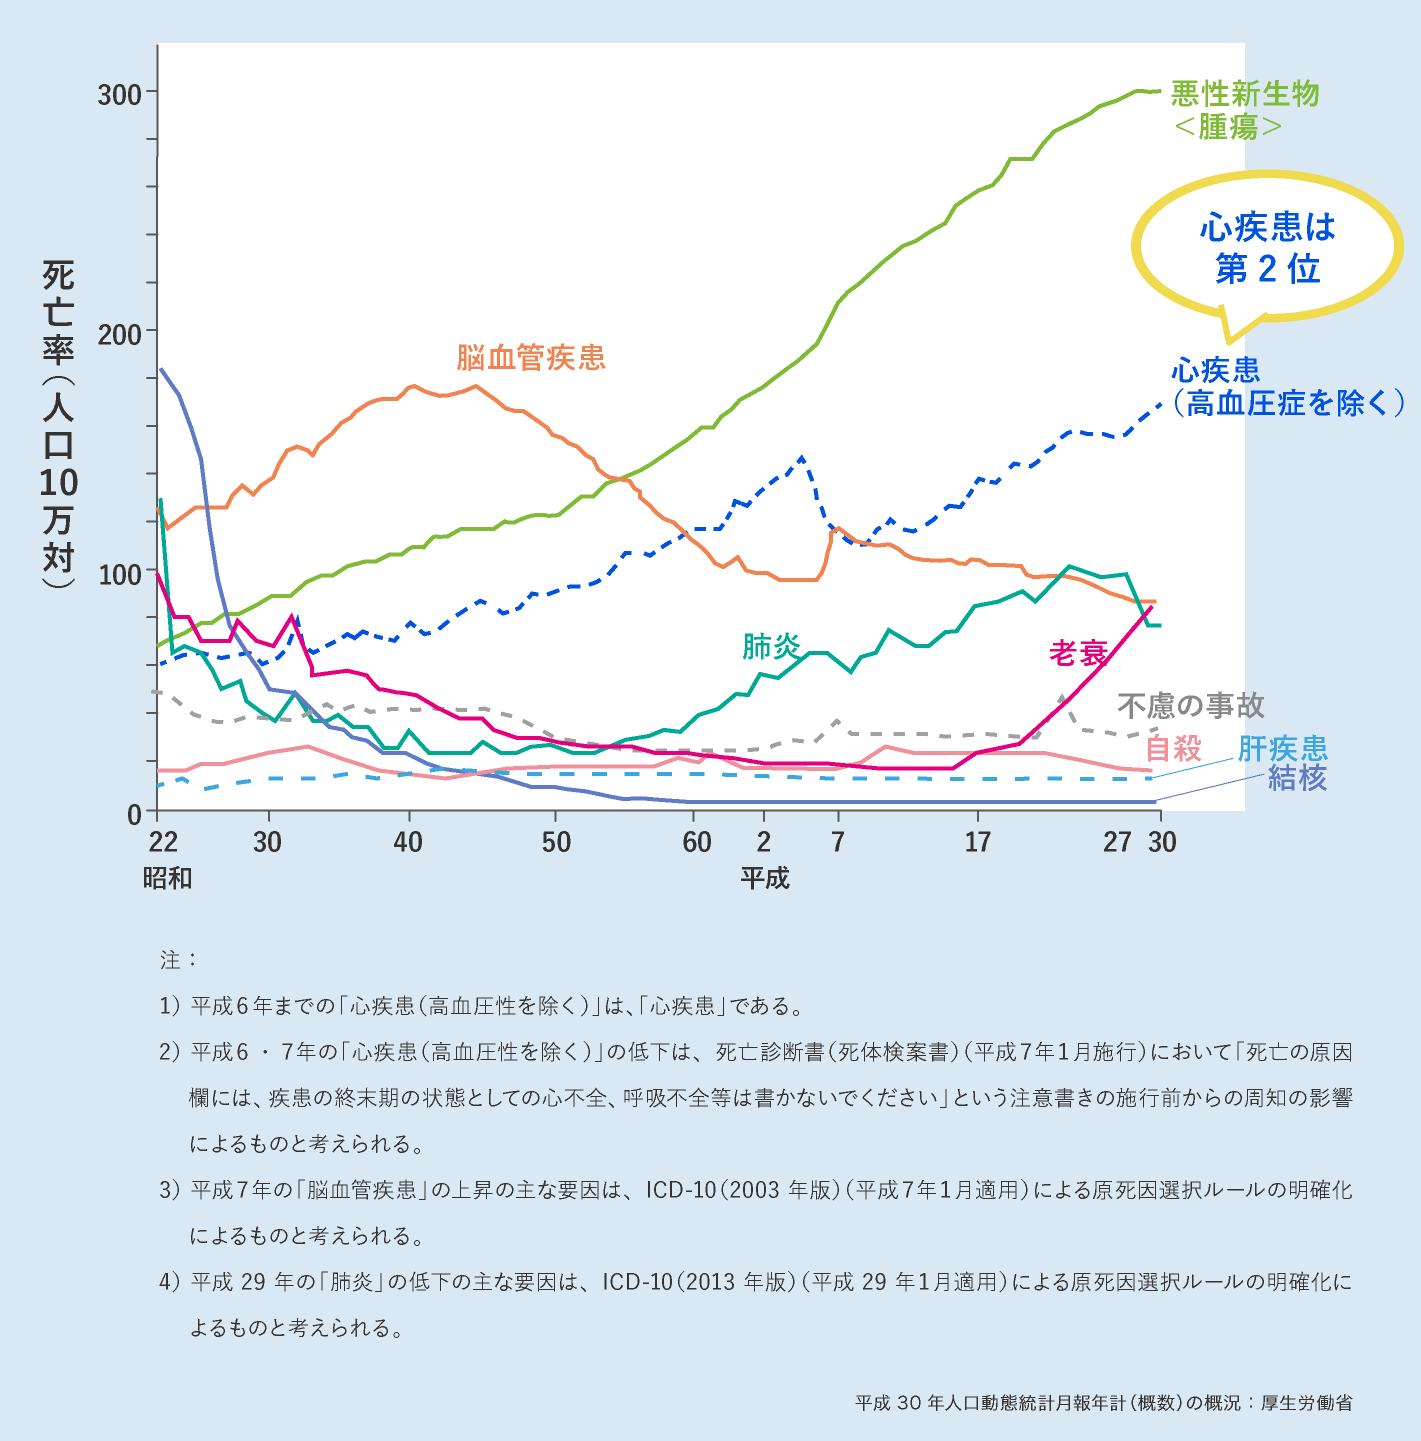 主な死因別にみた死亡率の年次推移 ~心疾患は日本人の死因の第2位~